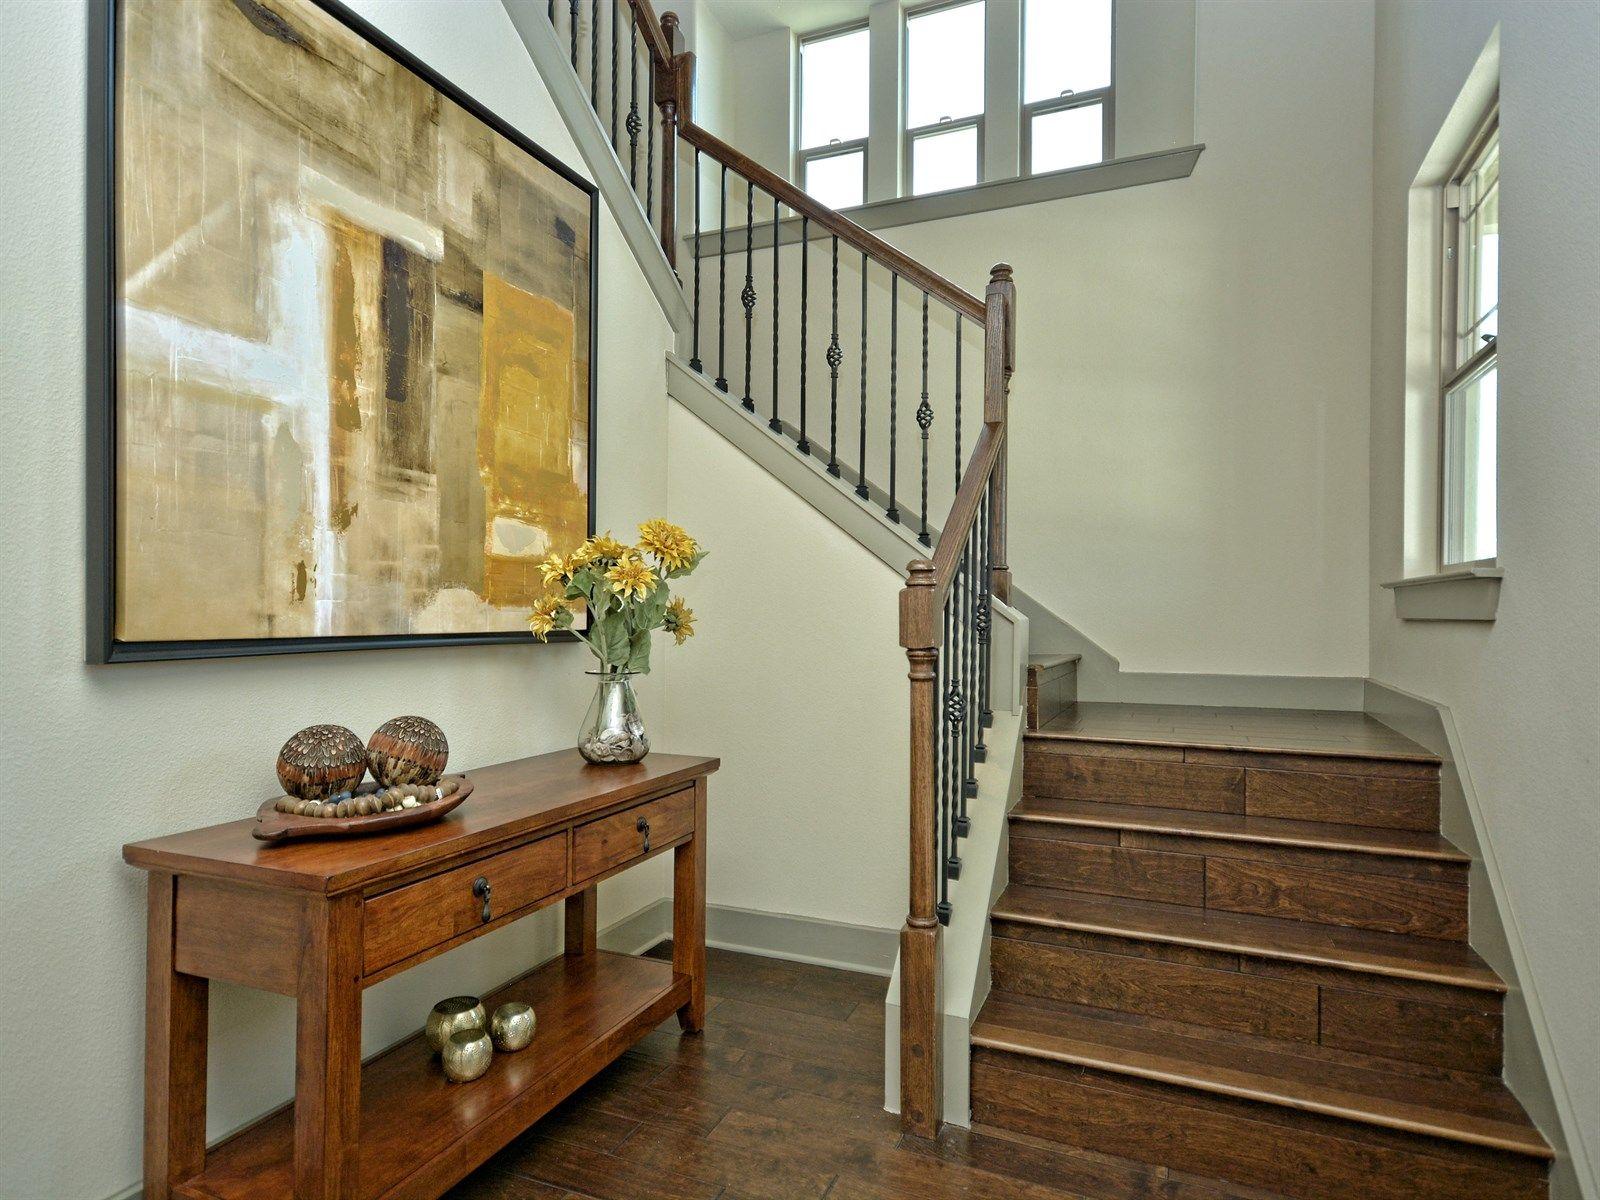 026_Stairs.jpg